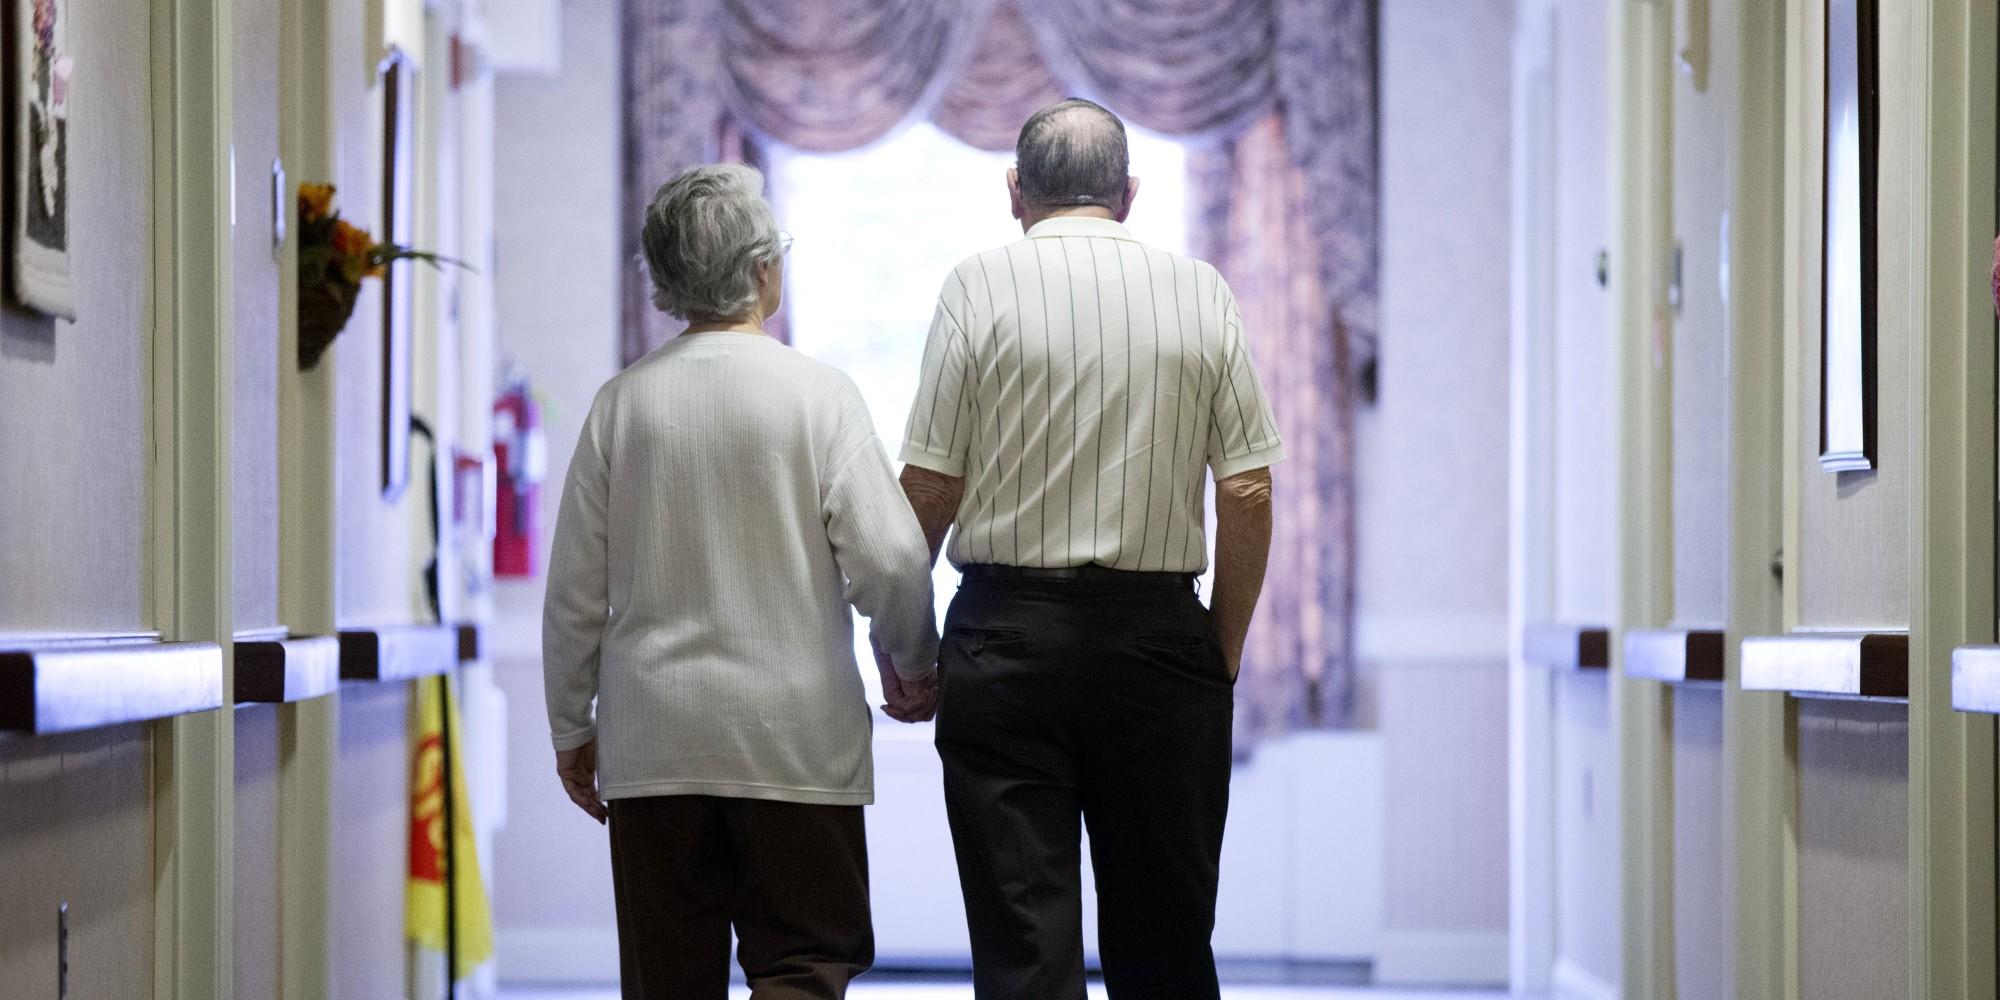 guidelines for nursing home visits